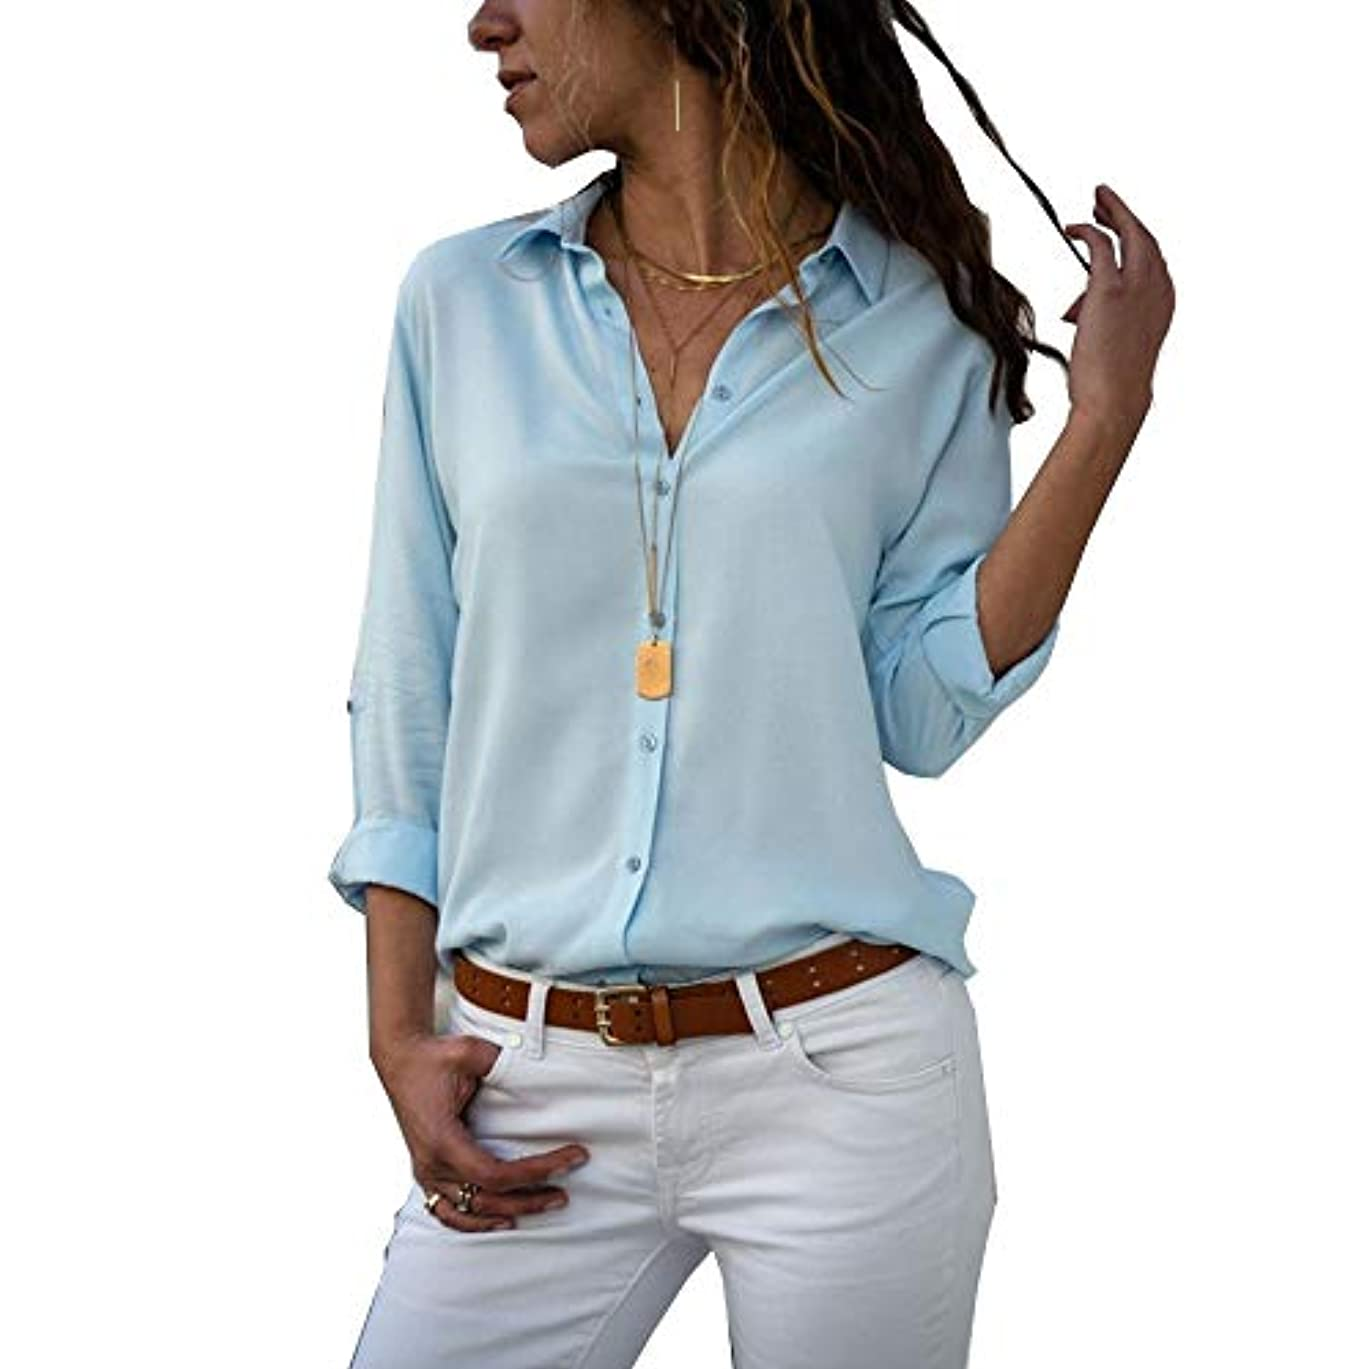 消去歴史家特性MIFAN ルーズシャツ、トップス&Tシャツ、プラスサイズ、トップス&ブラウス、シフォンブラウス、女性トップス、シフォンシャツ